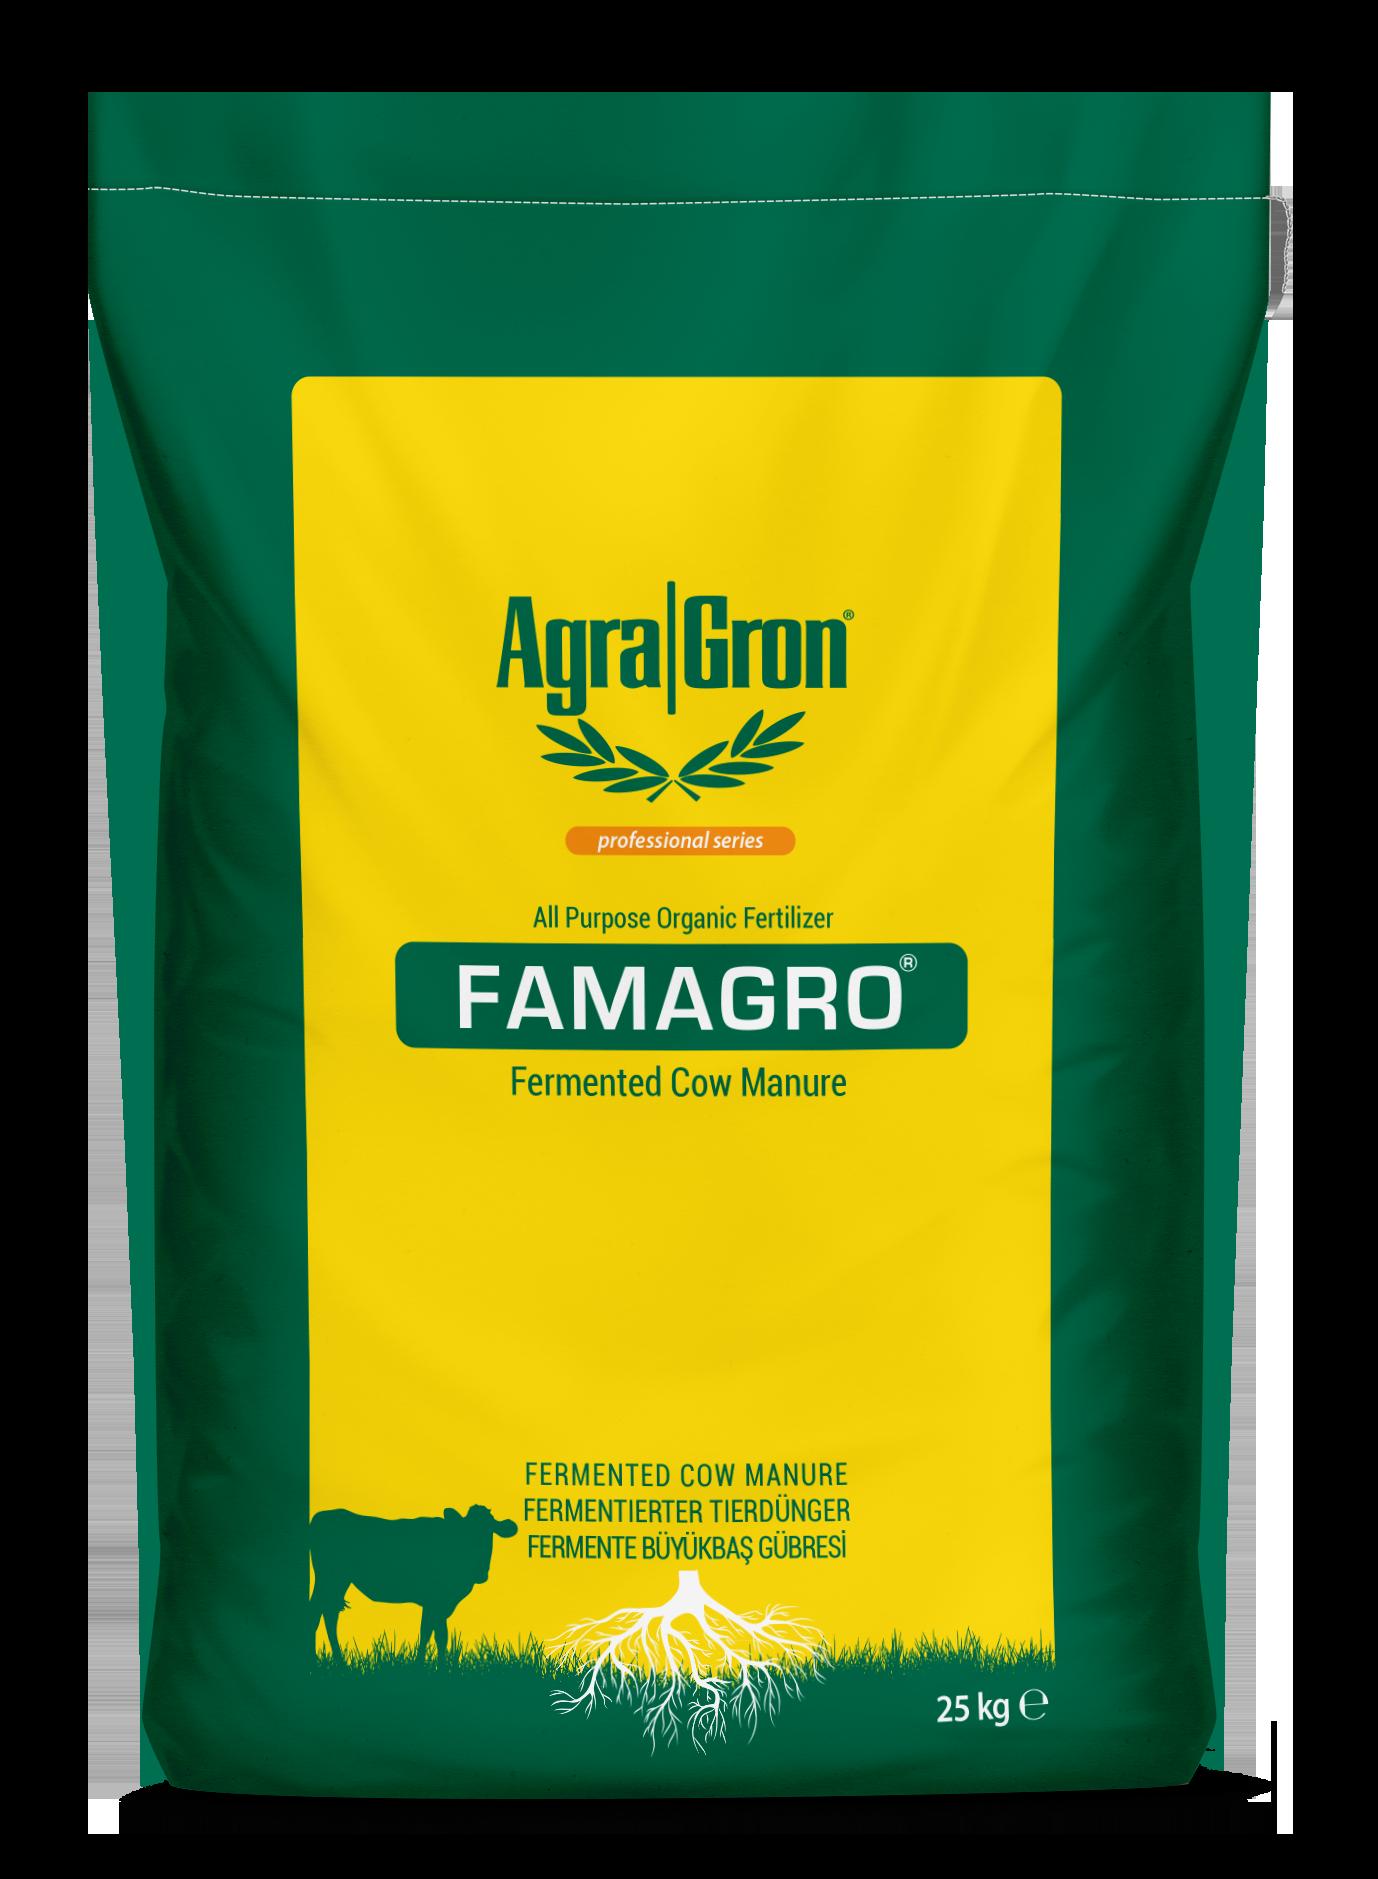 AgraGron FamAgro Organik Gubre